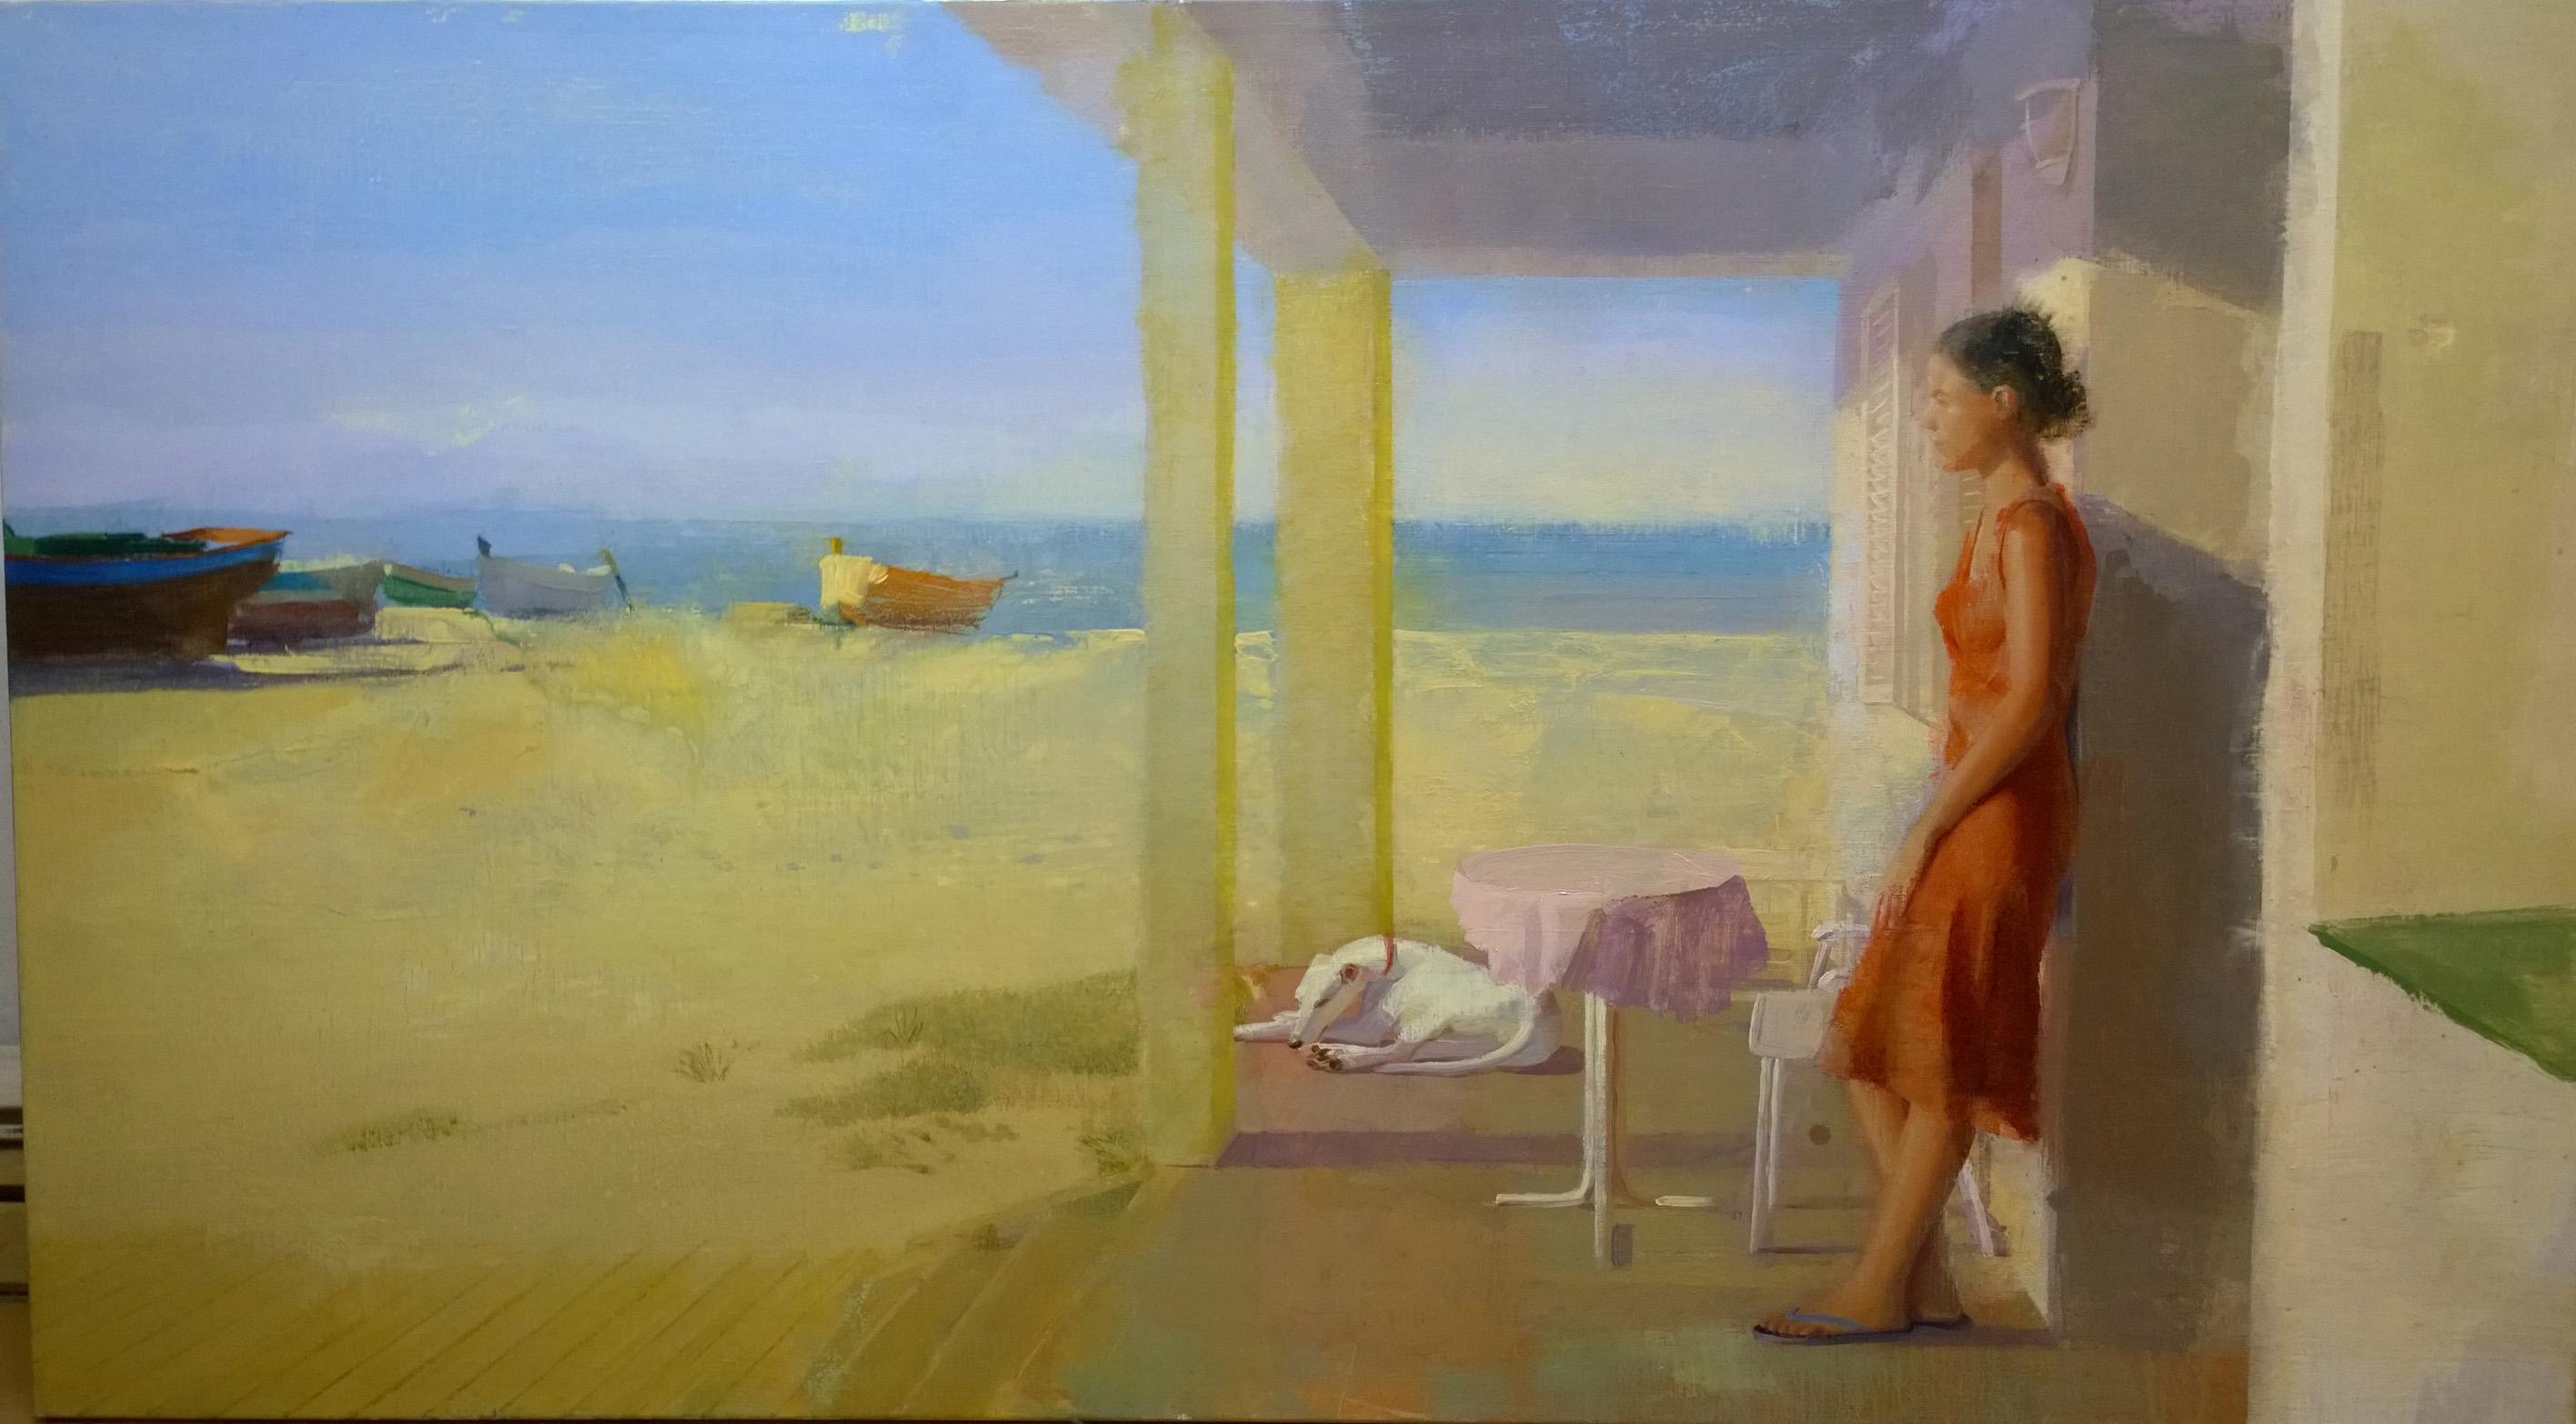 porche-alejandra-caballero-oleo-mujer-vestido-rojo-perro-barcas-playa-mar